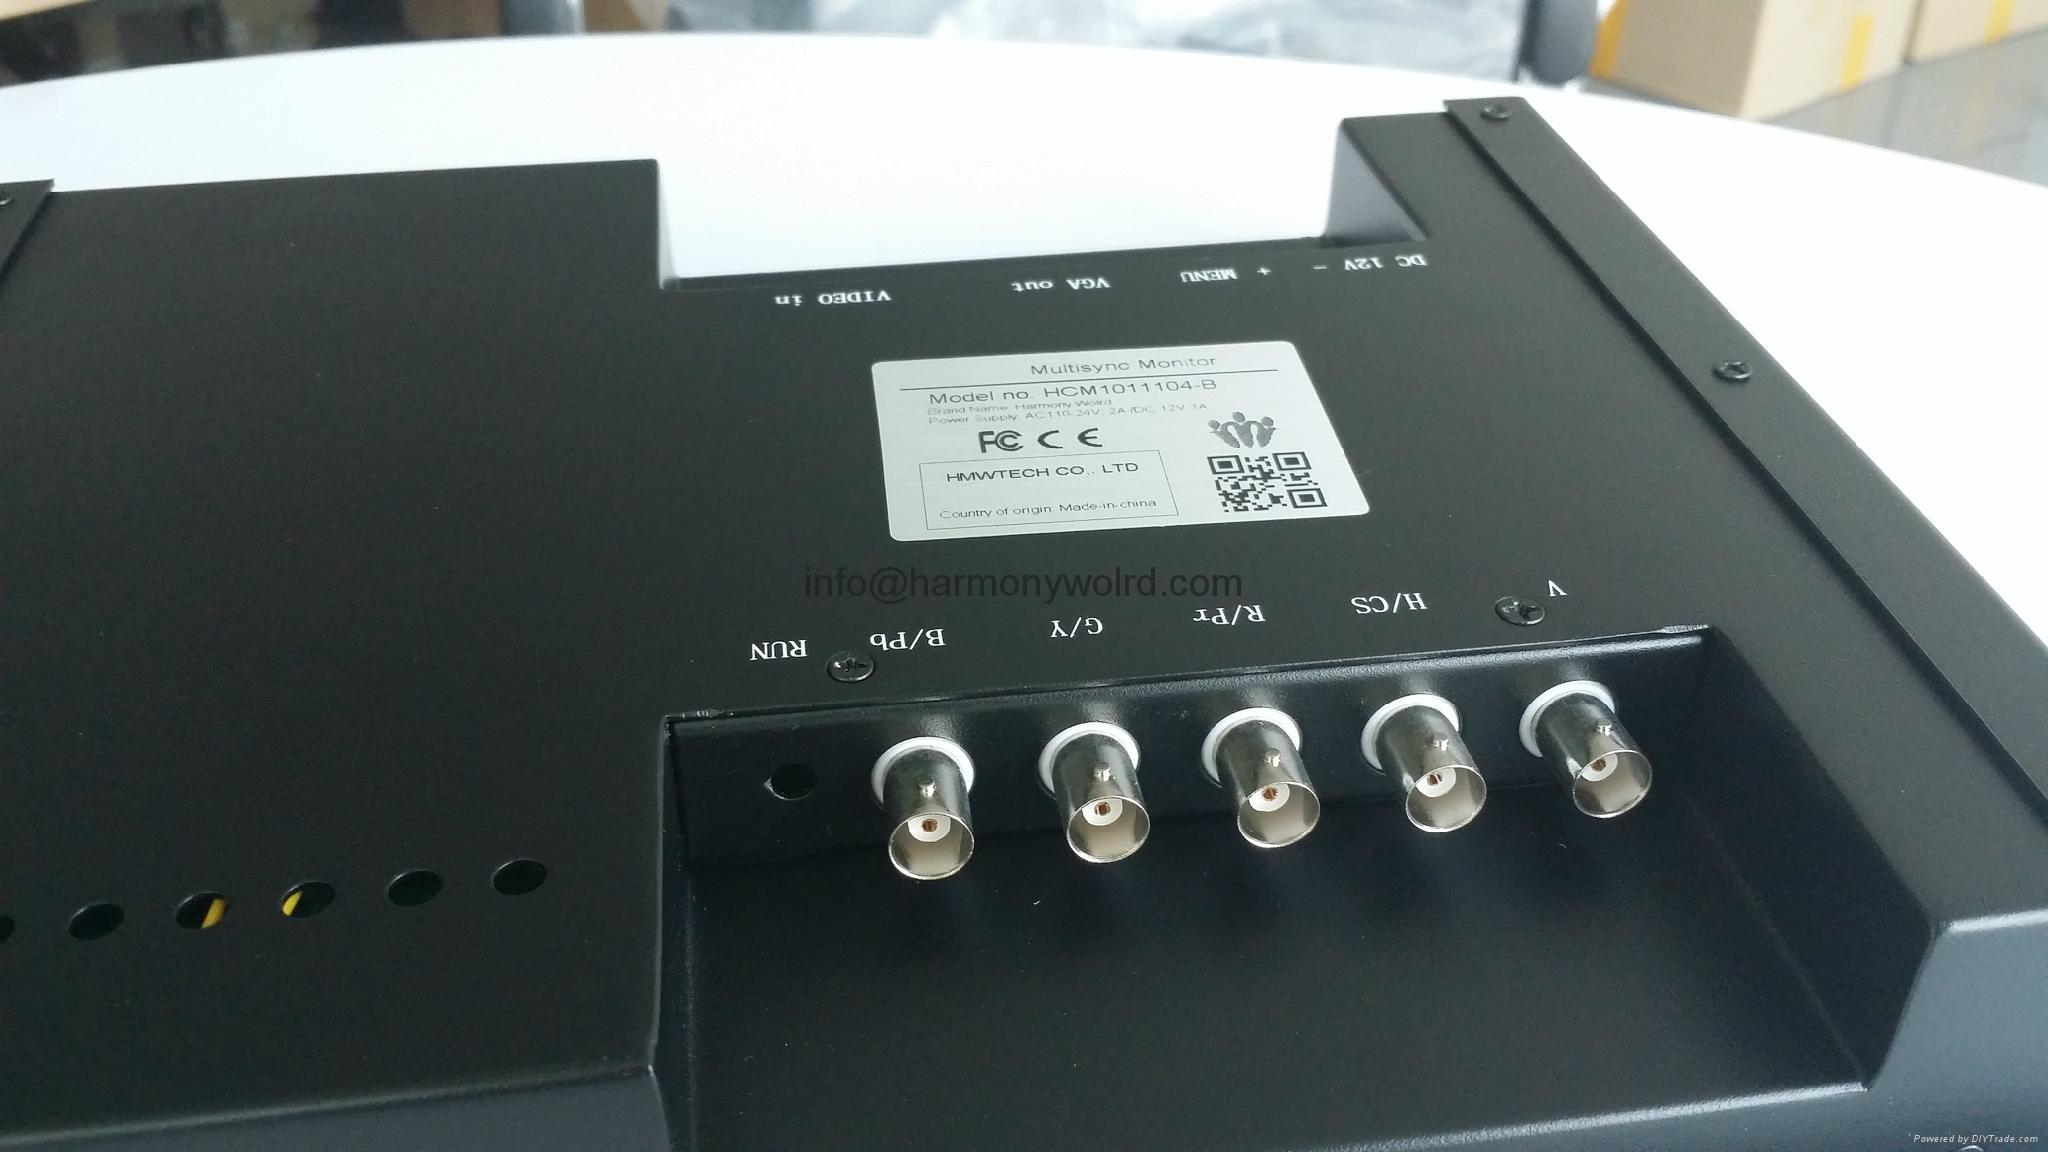 Upgrade 8000-XCVD 8000-XLCVD VT-1400E-15 DS3200-357A 8000XBVD 8000XCVD to LCDs  6